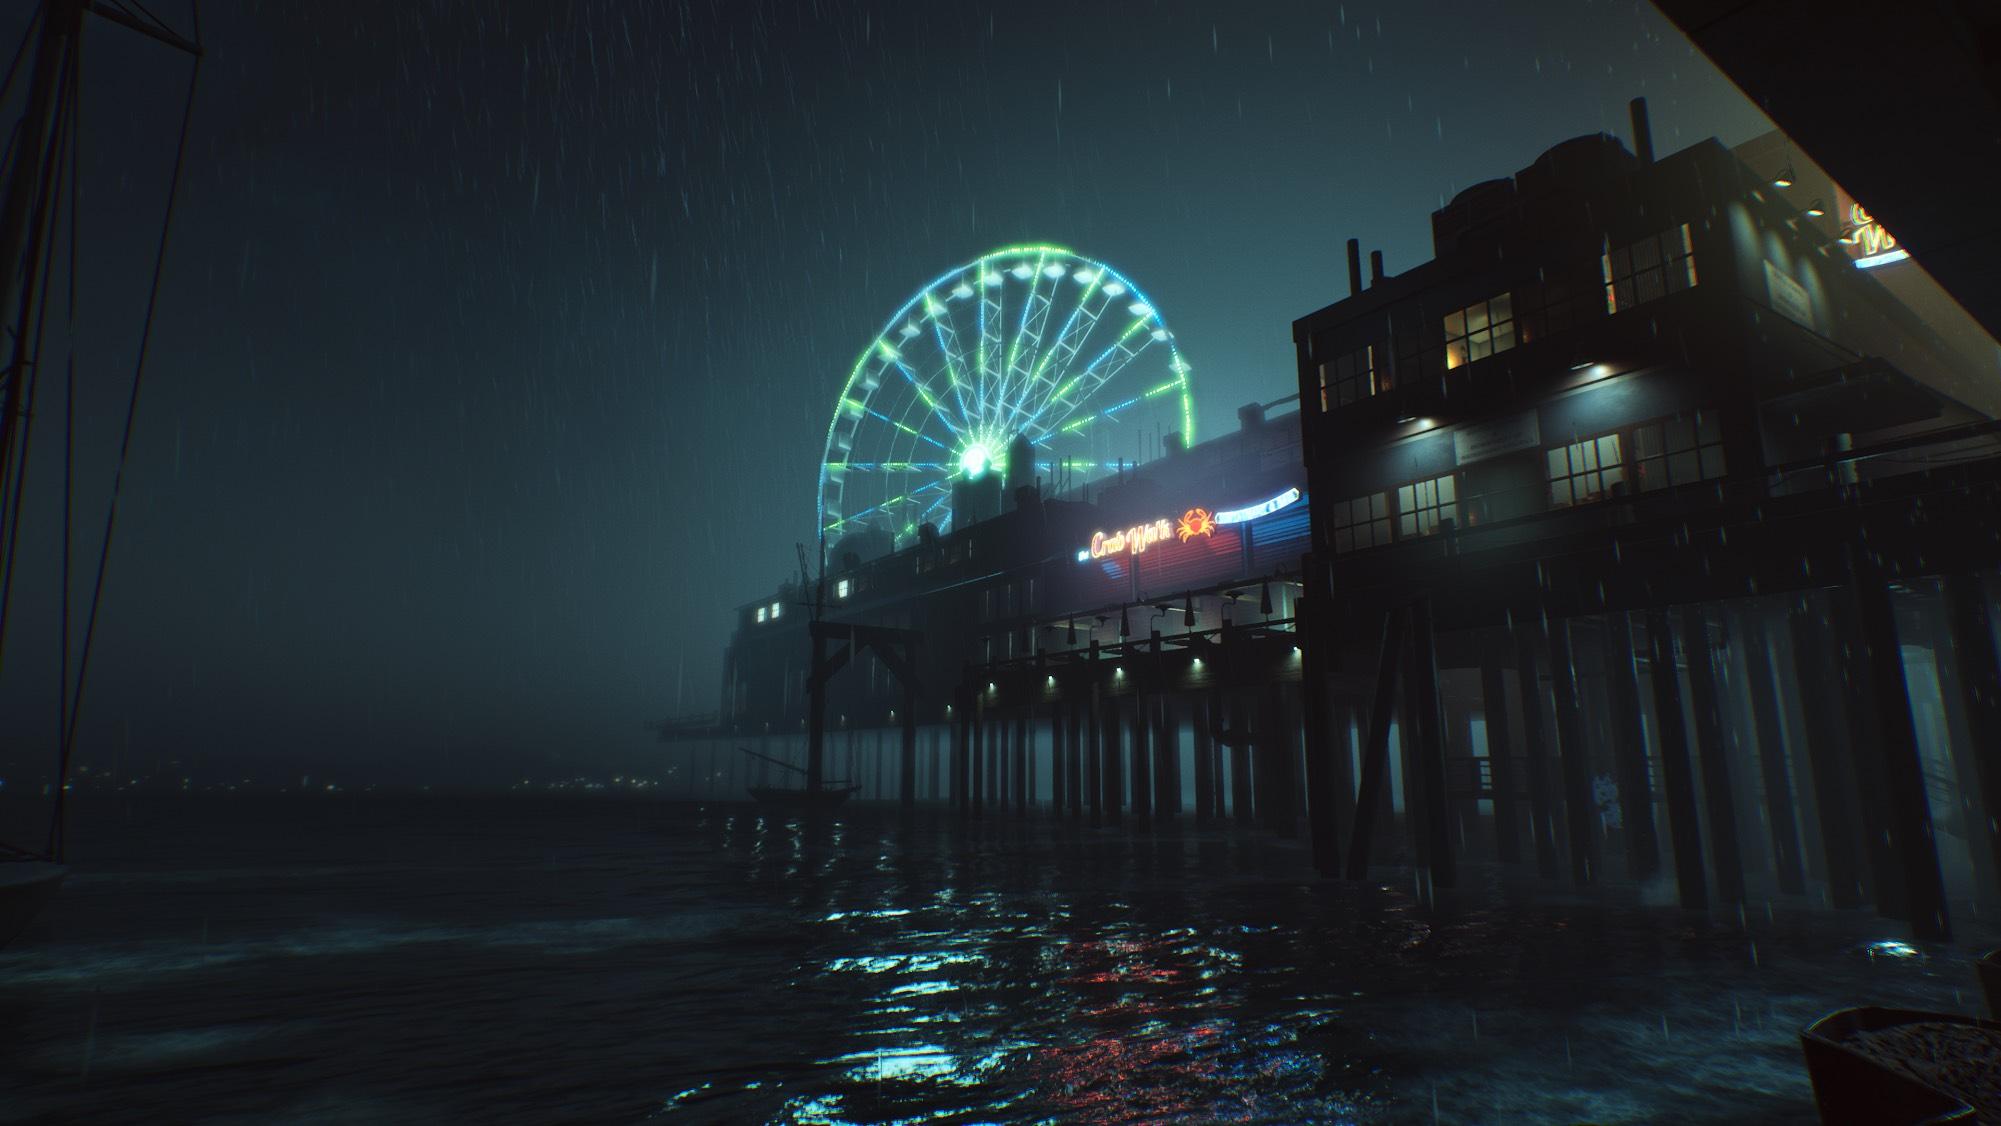 Une grande roue sous une nuit noire